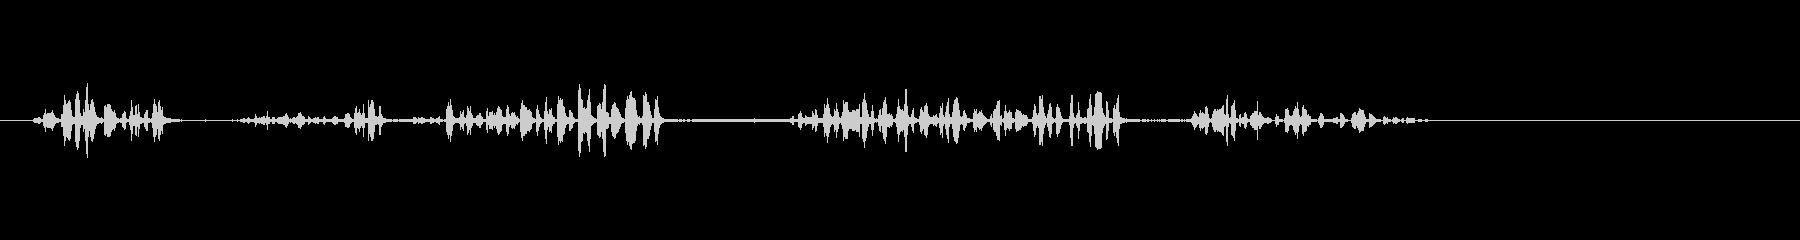 Warbler_Singing W...の未再生の波形